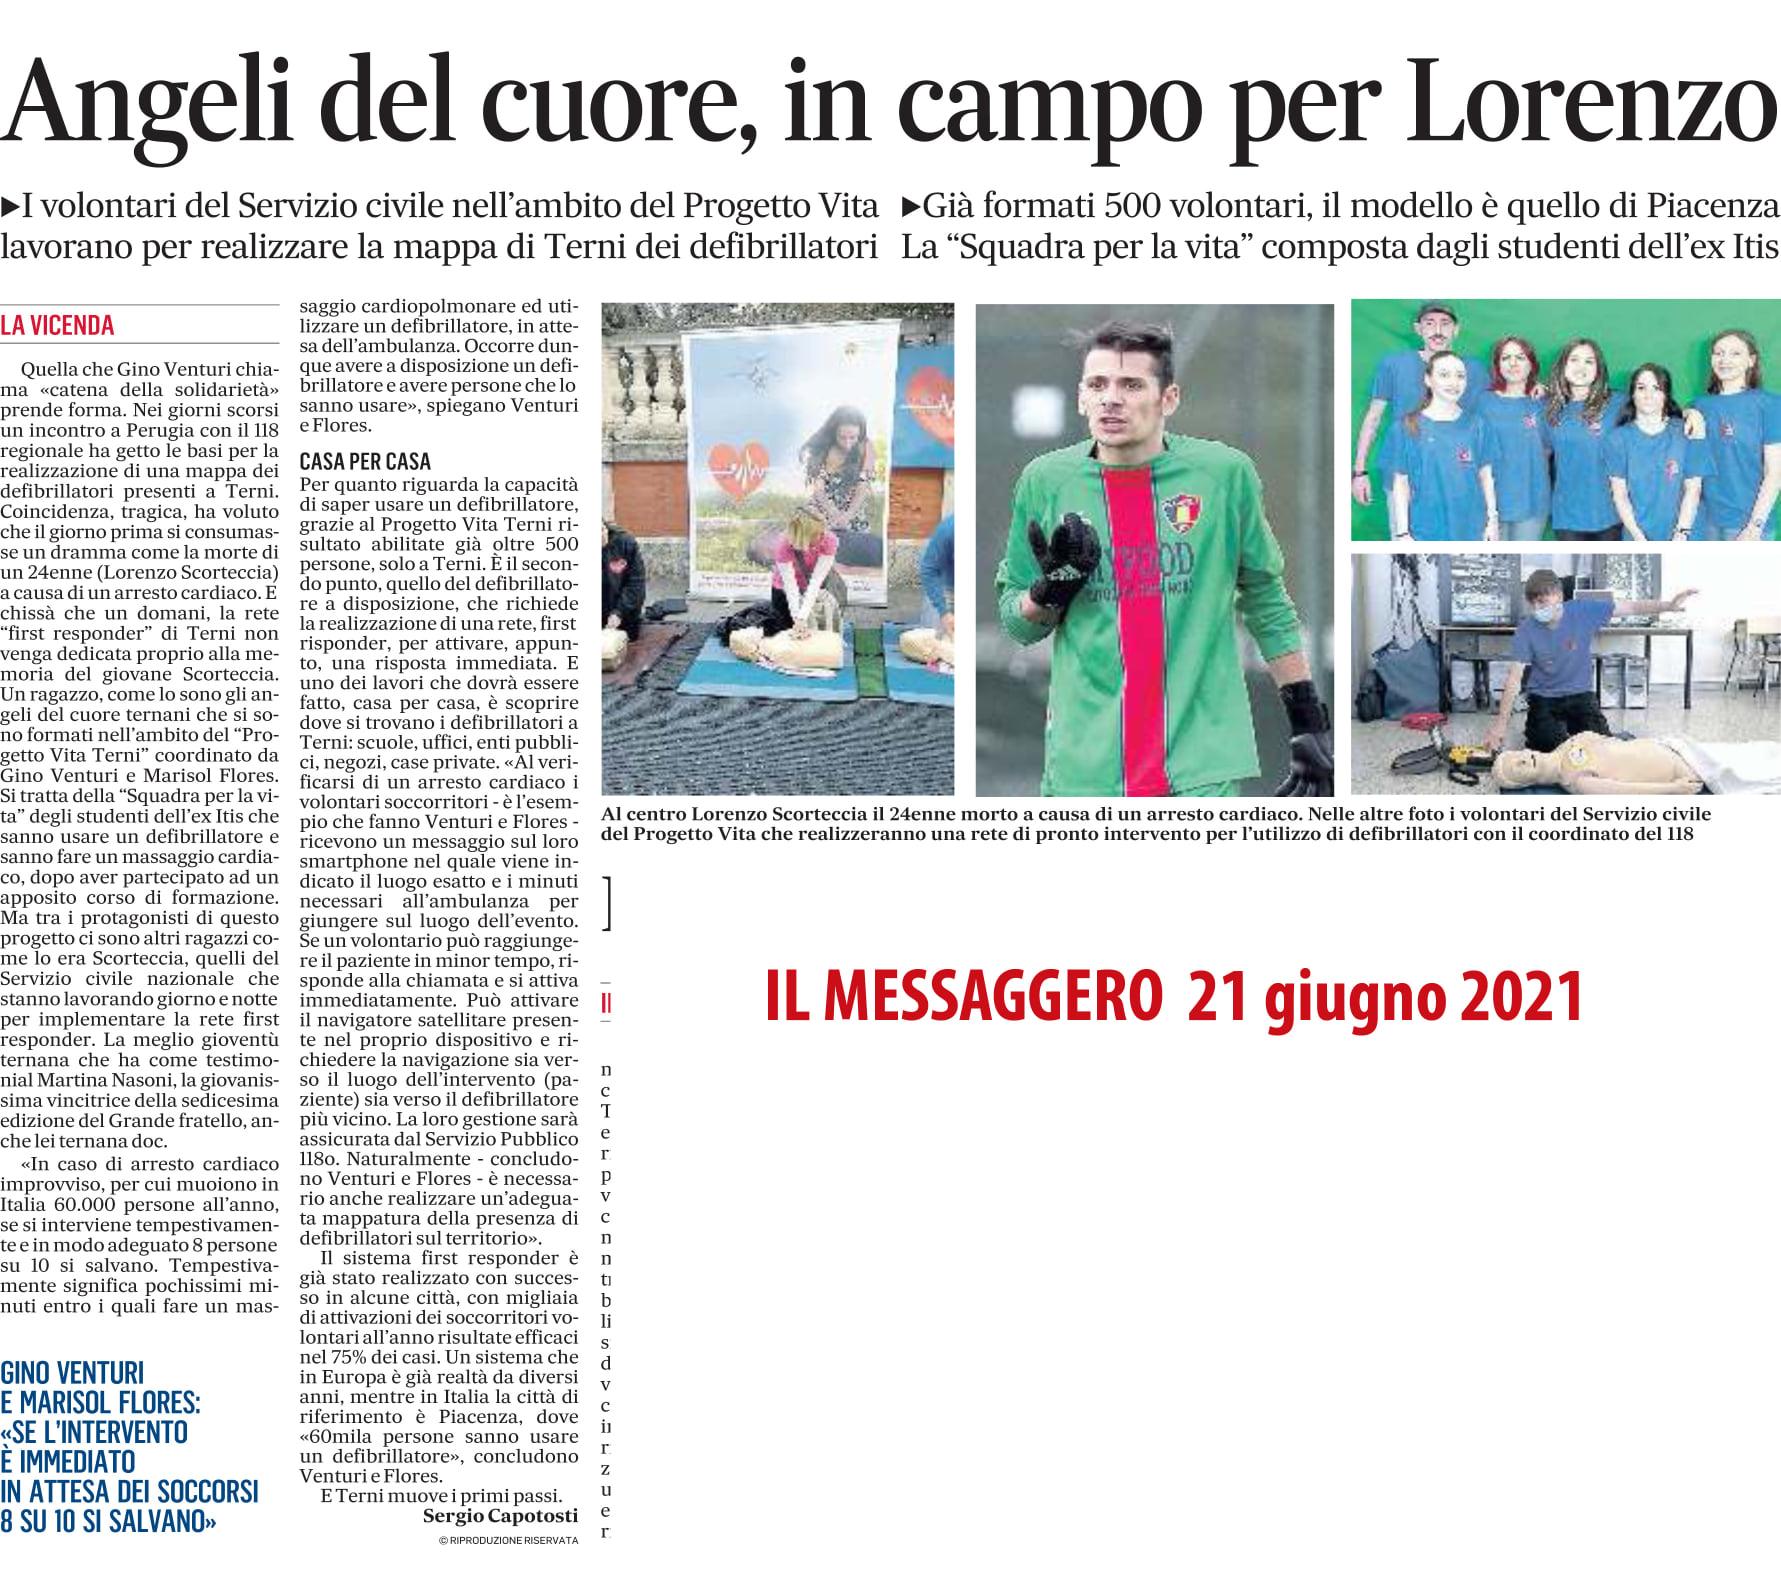 Angeli del cuore, in campo per Lorenzo